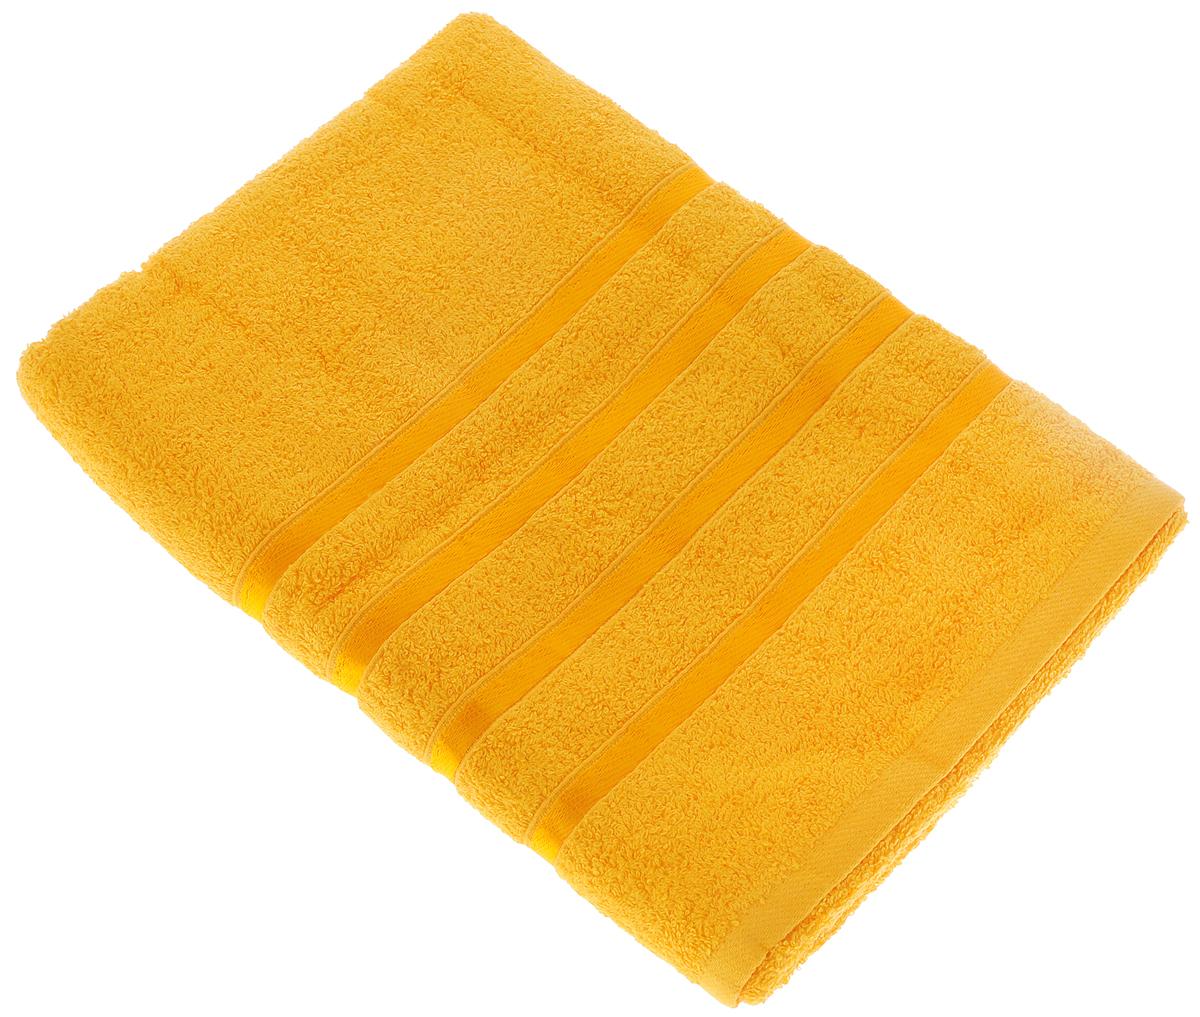 Полотенце Tete-a-Tete Ленты, цвет: ярко-желтый, 70 х 135 смУП-002-03Полотенце Tete-a-Tete Ленты выполнено из натуральной махровой ткани (100% хлопок). Изделие отлично впитывает влагу, быстро сохнет, сохраняет яркость цвета и не теряет форму даже после многократных стирок. Полотенце очень практично и неприхотливо в уходе. Оно станет достойным выбором для вас и приятным подарком для ваших близких.